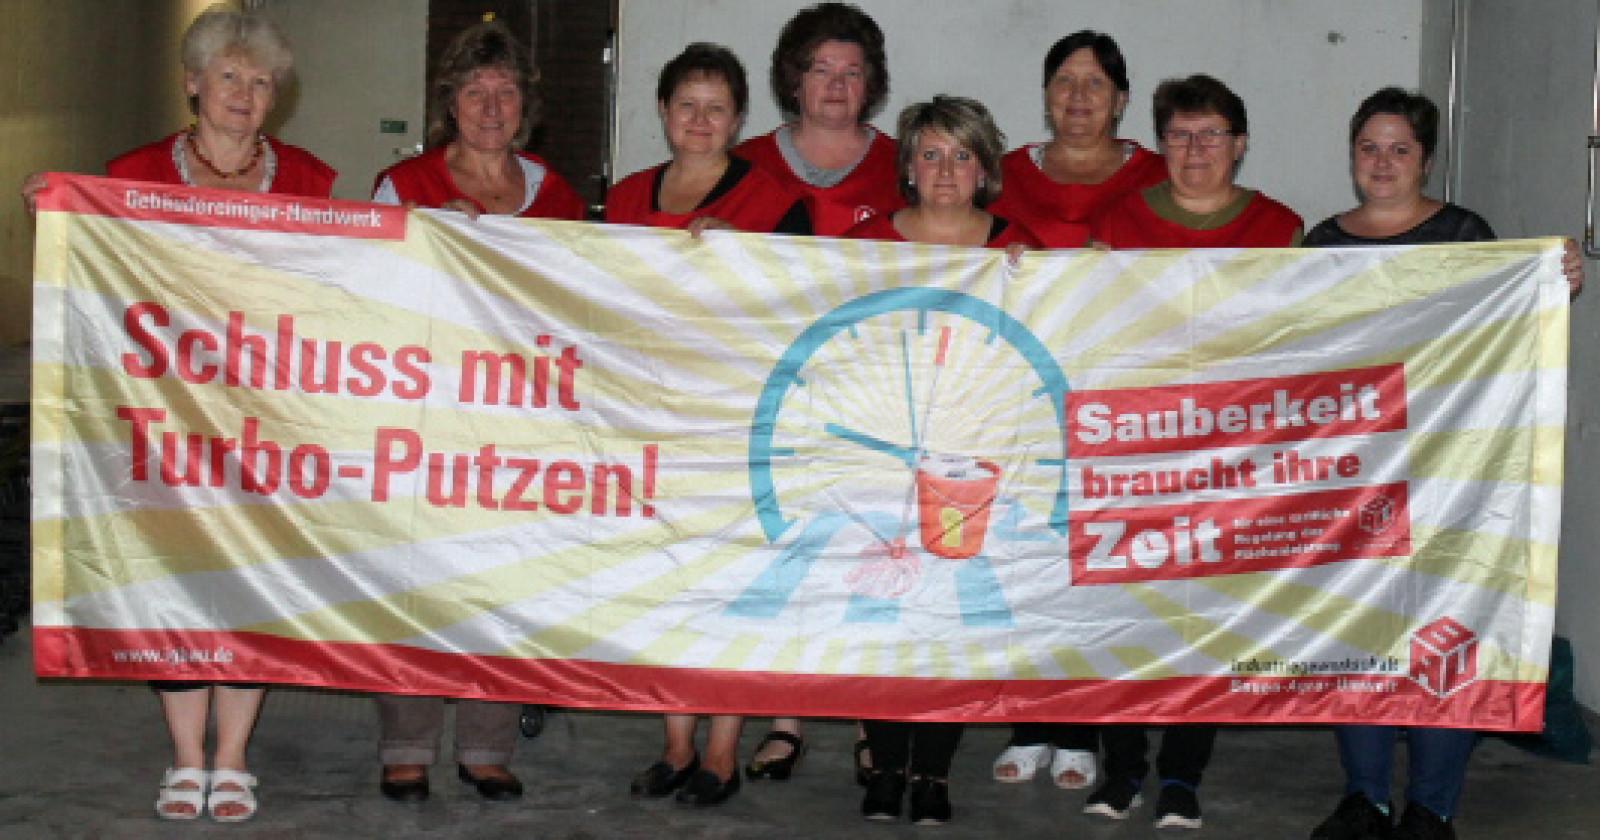 Kolleginnen der Fa. F.J. Peterhoff aus Düren erklären sich solidarisch mit den Tarifforderungen der IG BAU